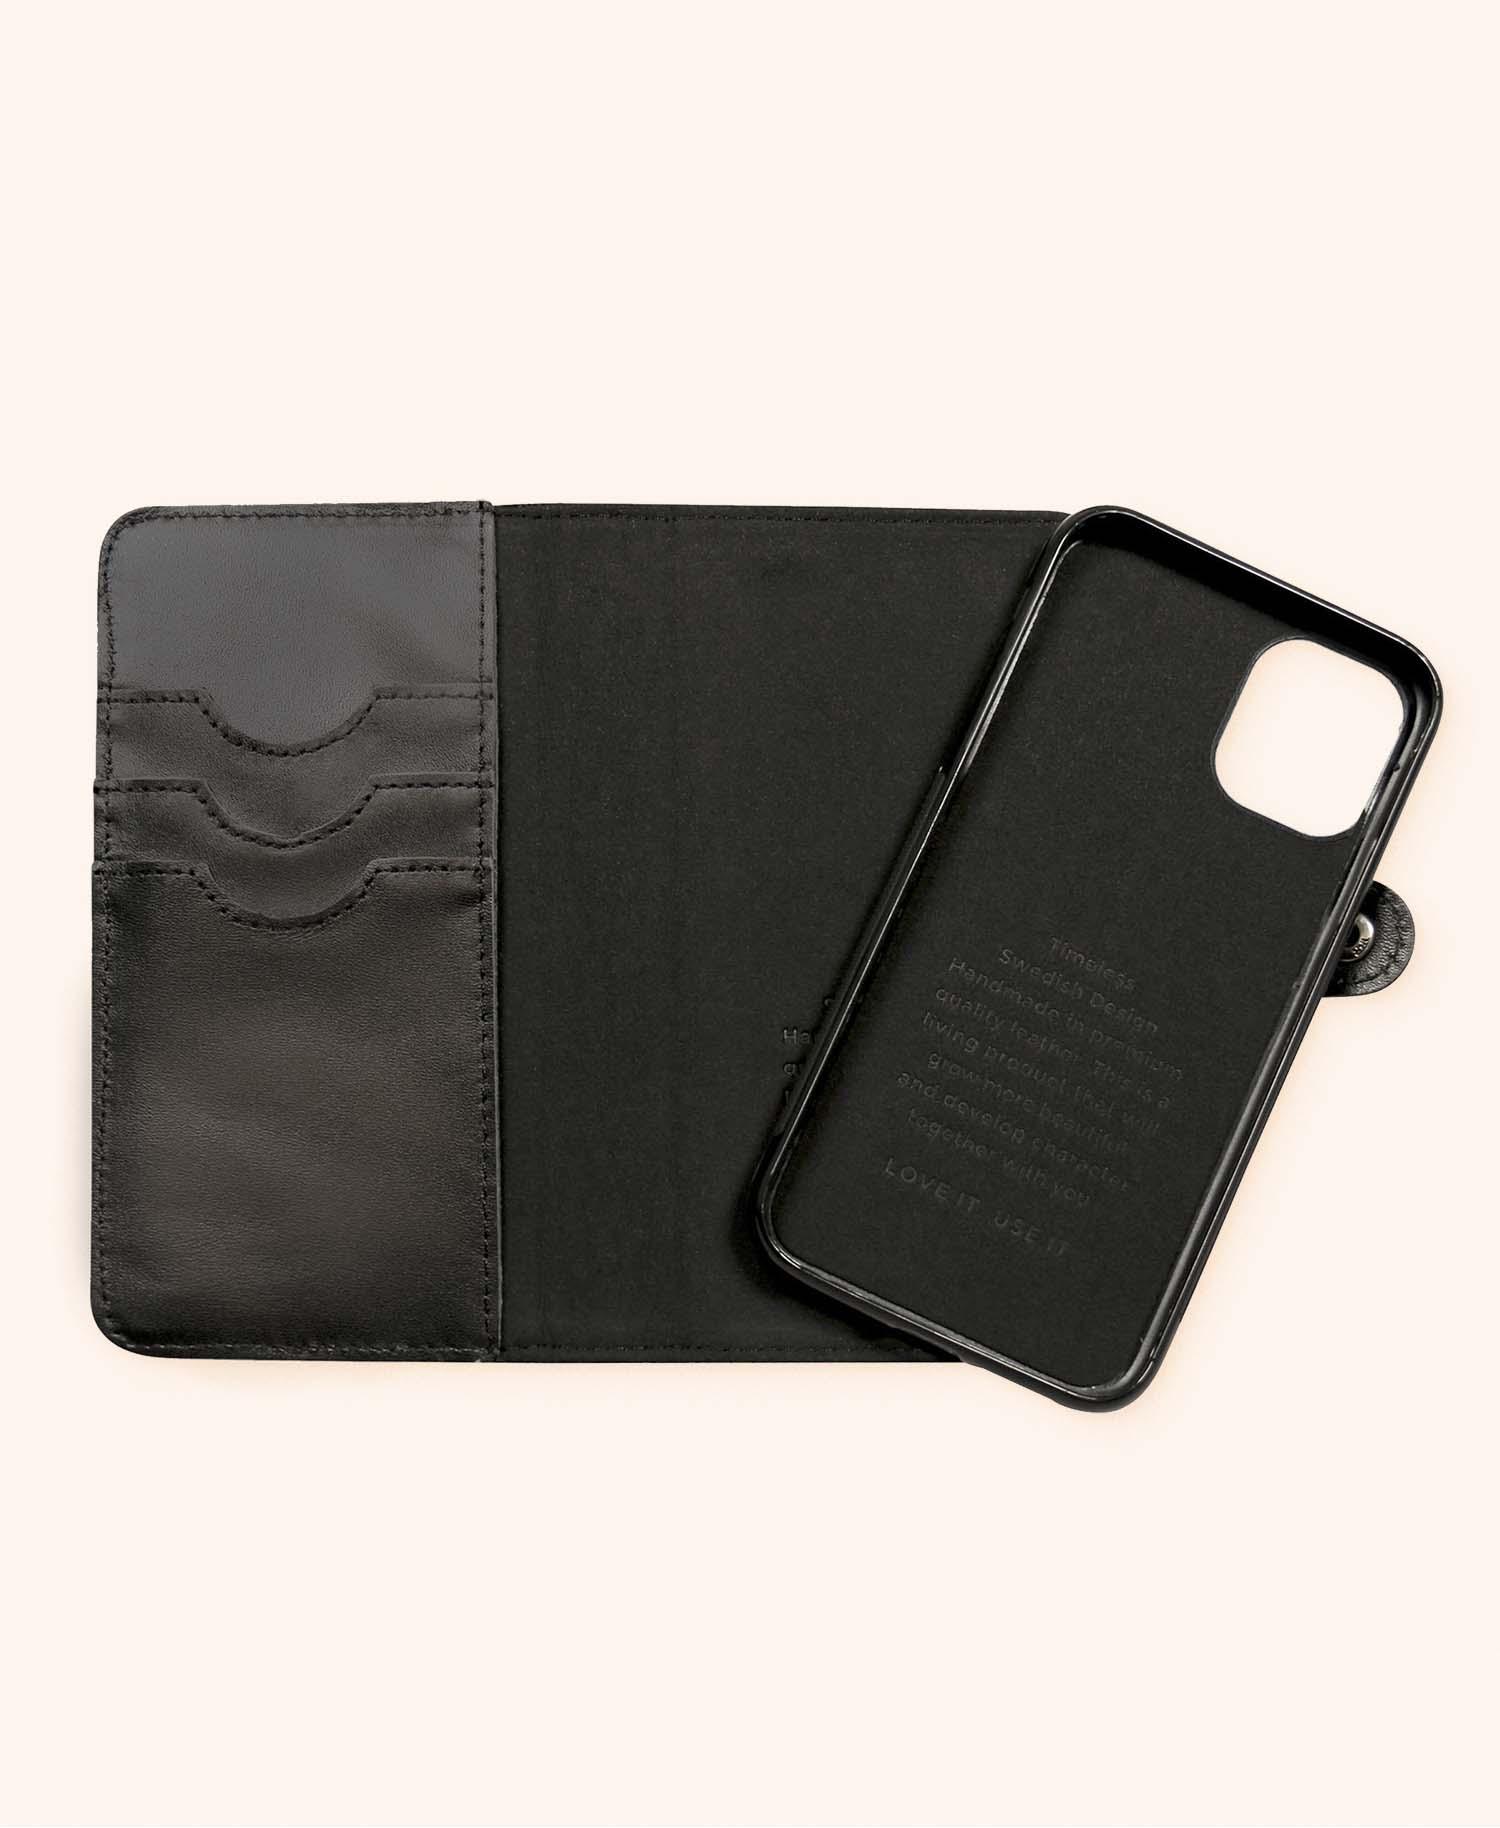 Andrew black wallet iphone 11 - open